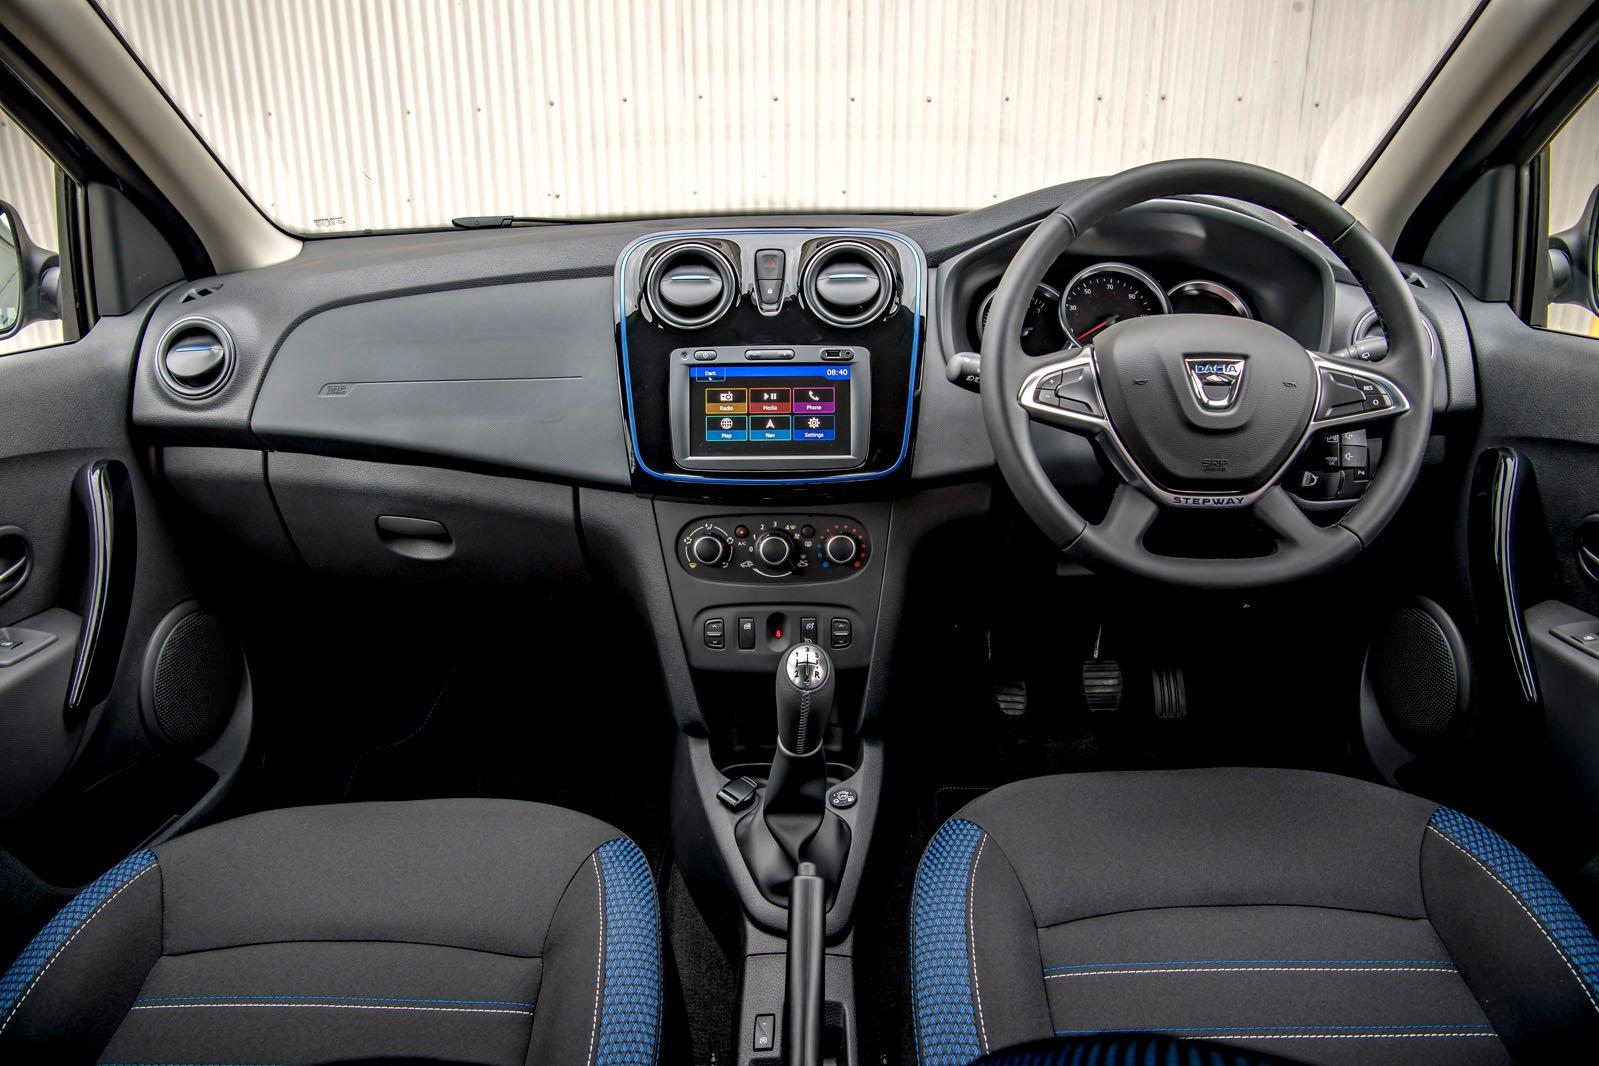 Dacia Sandero Stepway Bi-Fuel interior